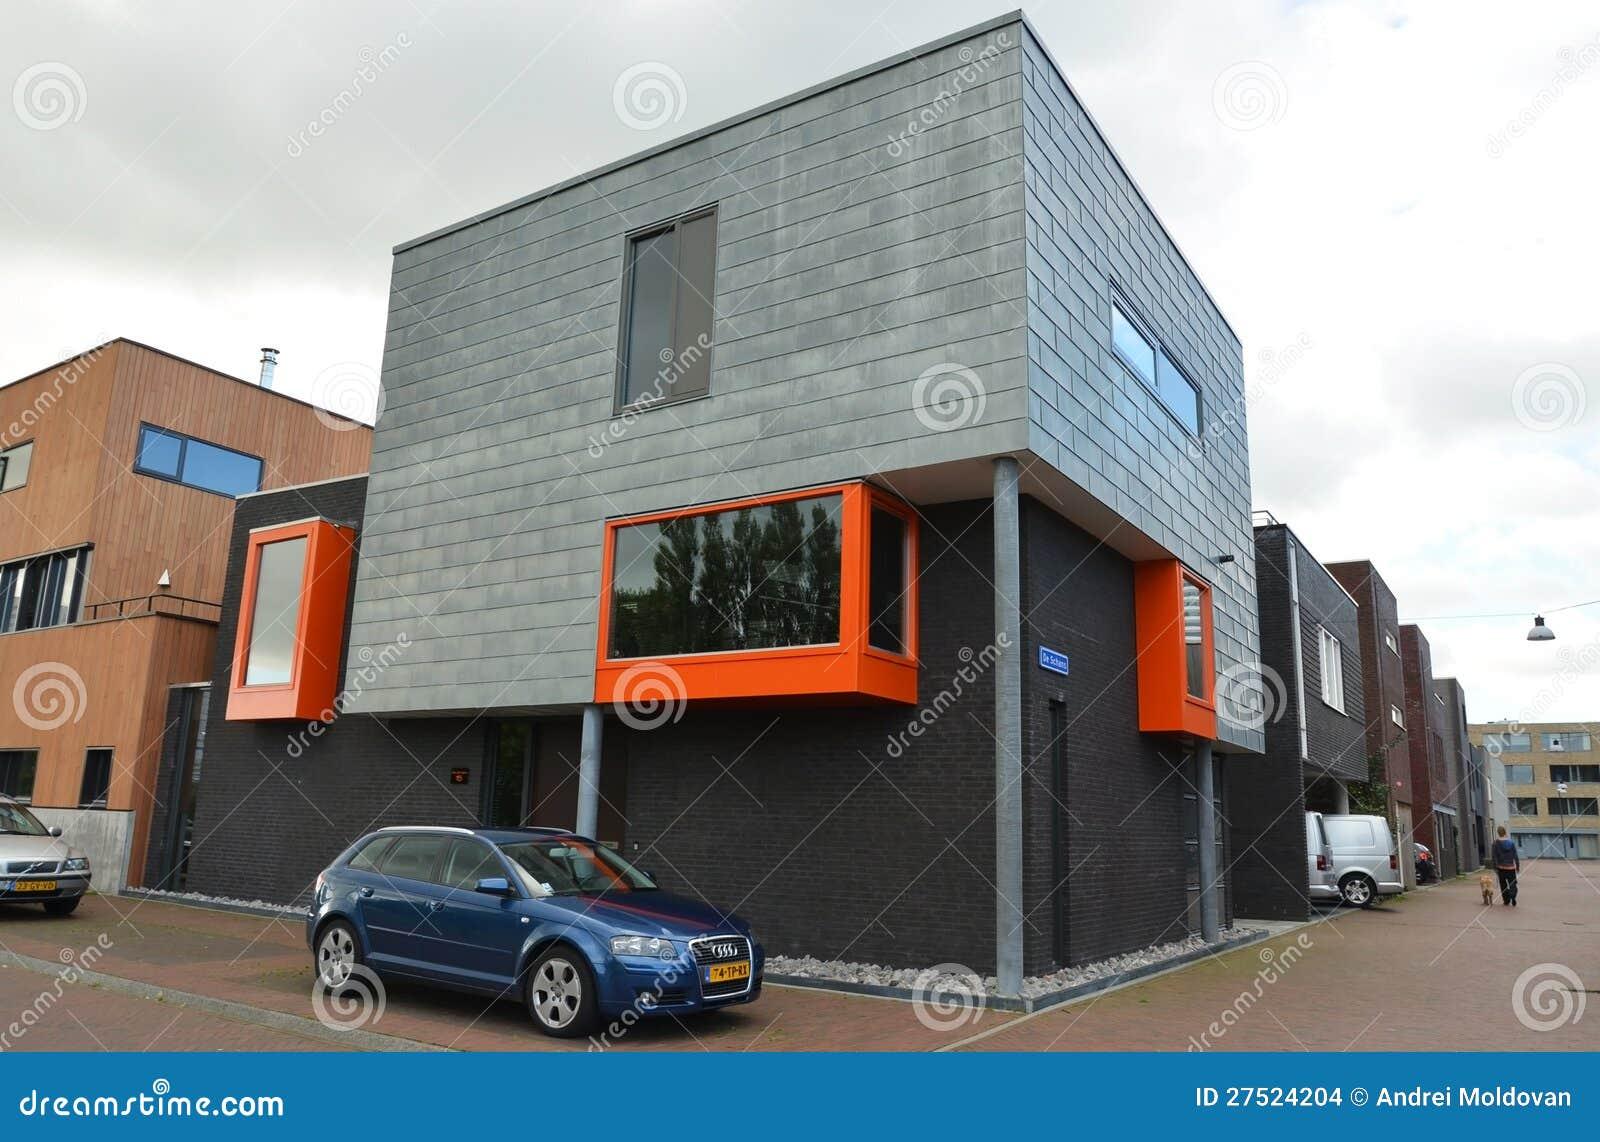 Casas modernas em groningen holland imagem de stock for Casa moderna in moldova